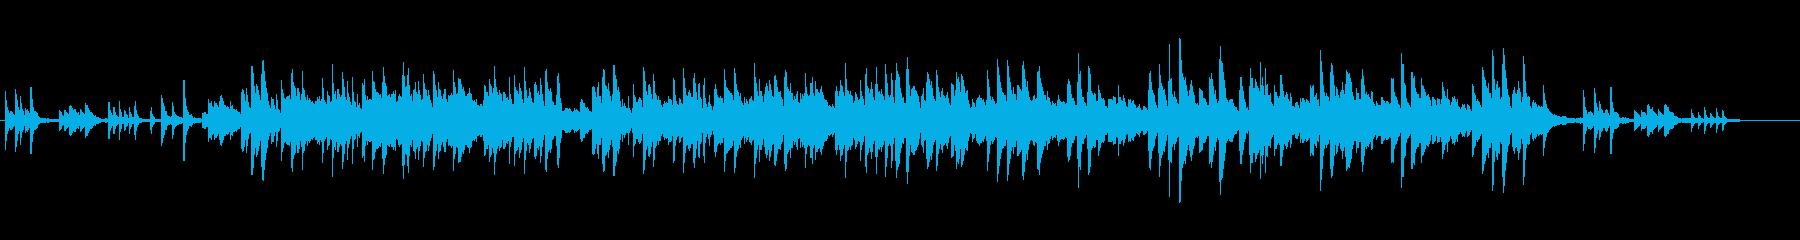 ピアノの切ない思い出の旋律の再生済みの波形